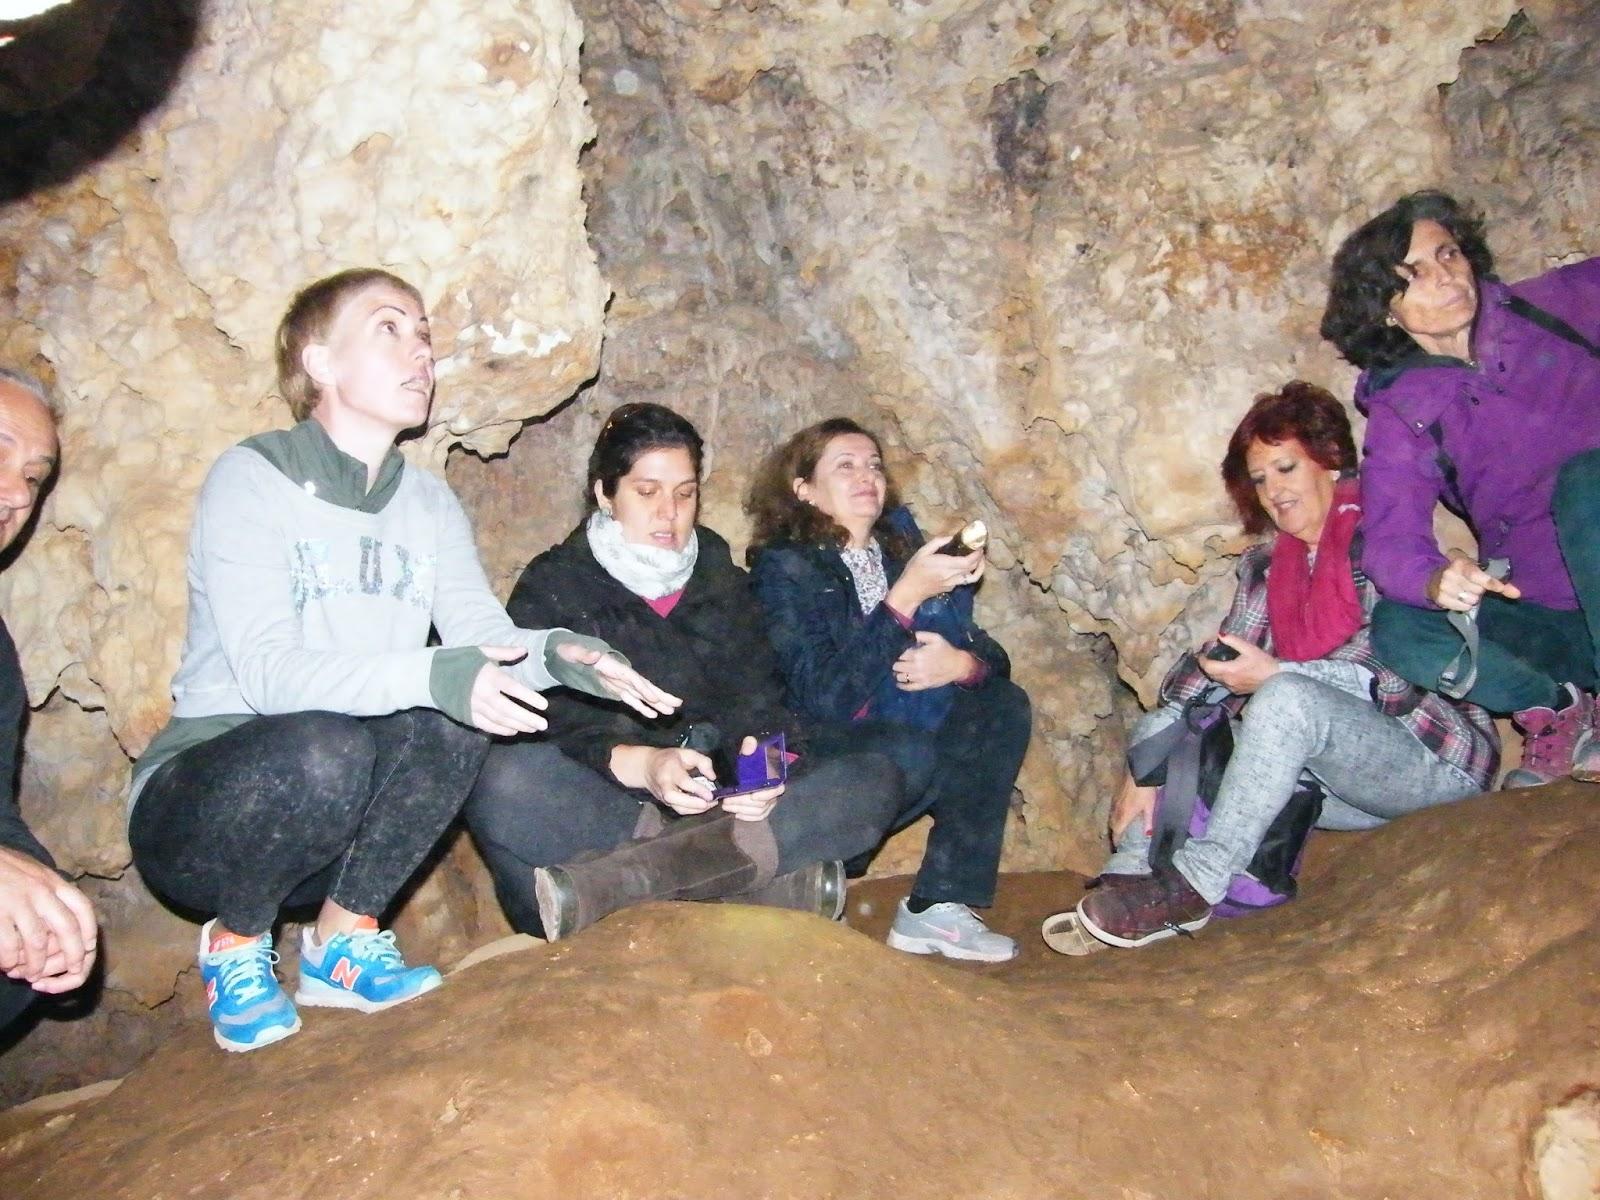 las cuevas milf personals Mastubacion videos yahoo personals casas molino derribao sexo milanuncios mujeres cordoba las cuevas viejas free online webcam sex sexo en de las.